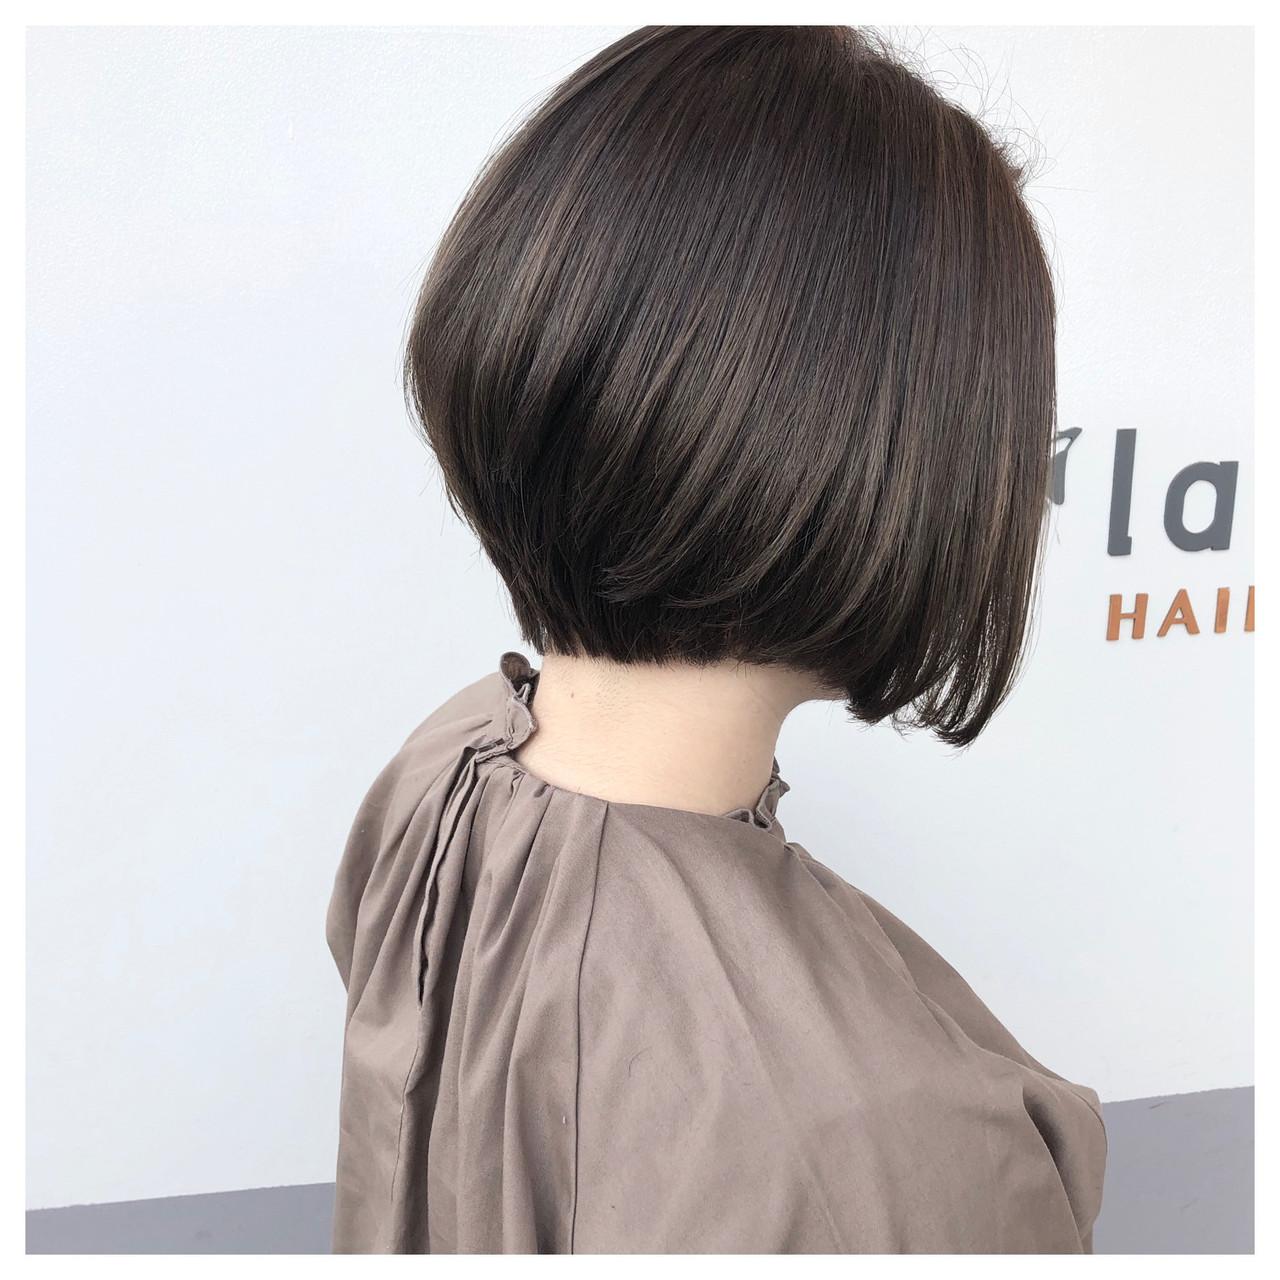 黒髪 ナチュラル アウトドア デート ヘアスタイルや髪型の写真・画像